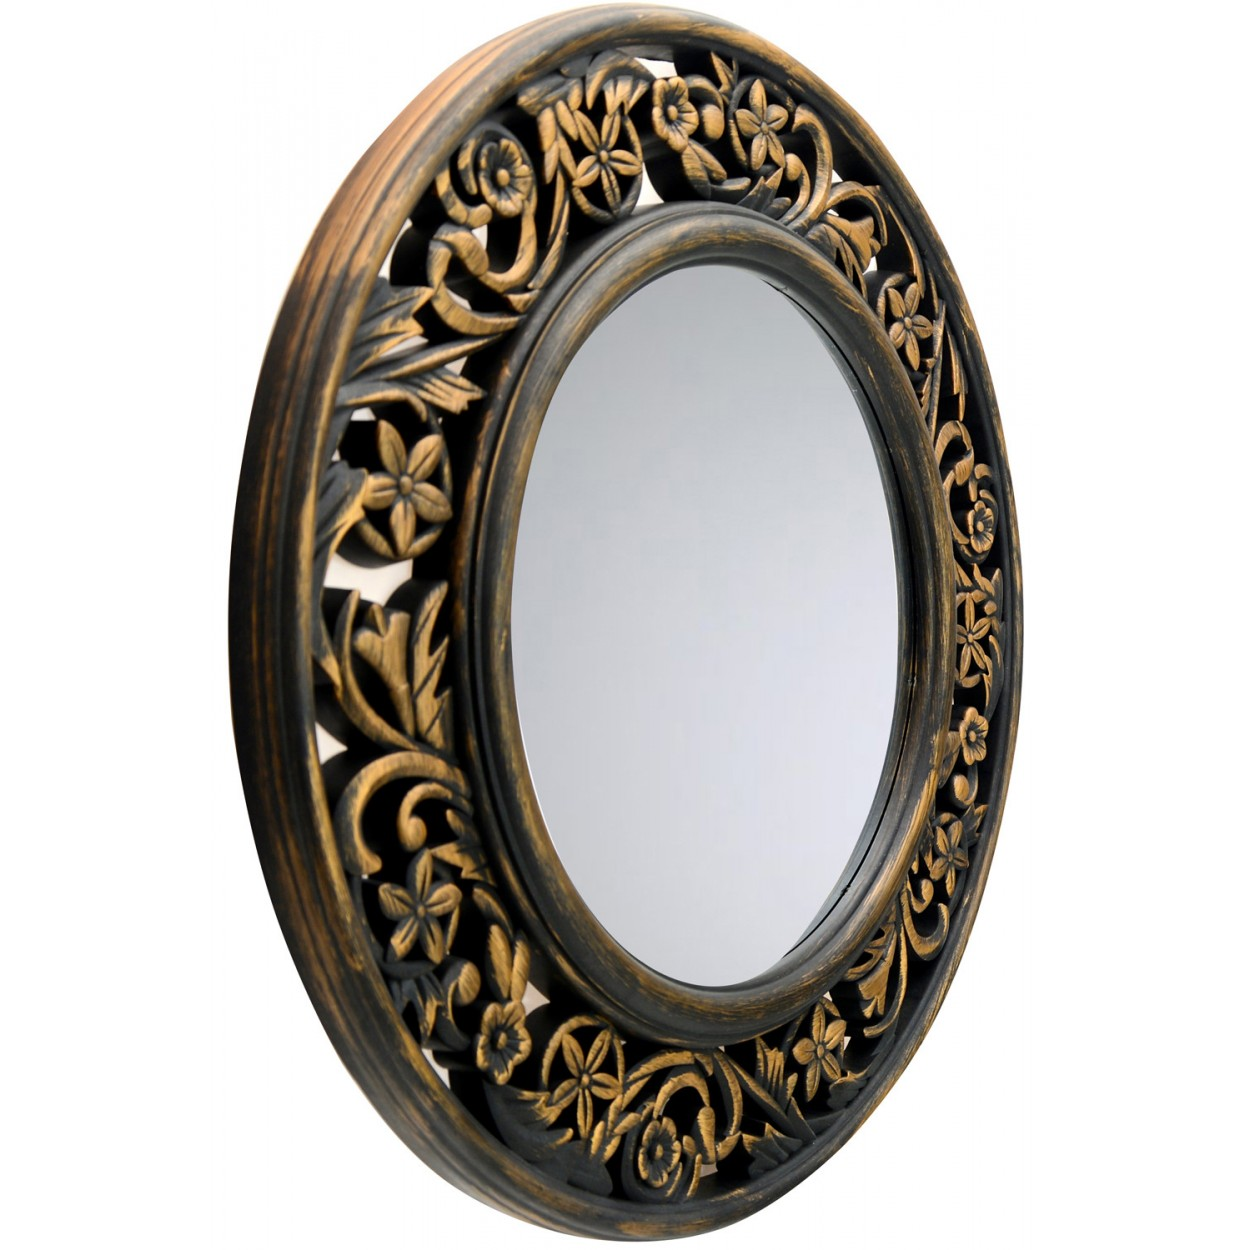 Espejo Pared Decorativo Redondo con Estilo Vintage de Color Dorado con Acabado Envejecido Hogar y M/ás Dise/ño Floral